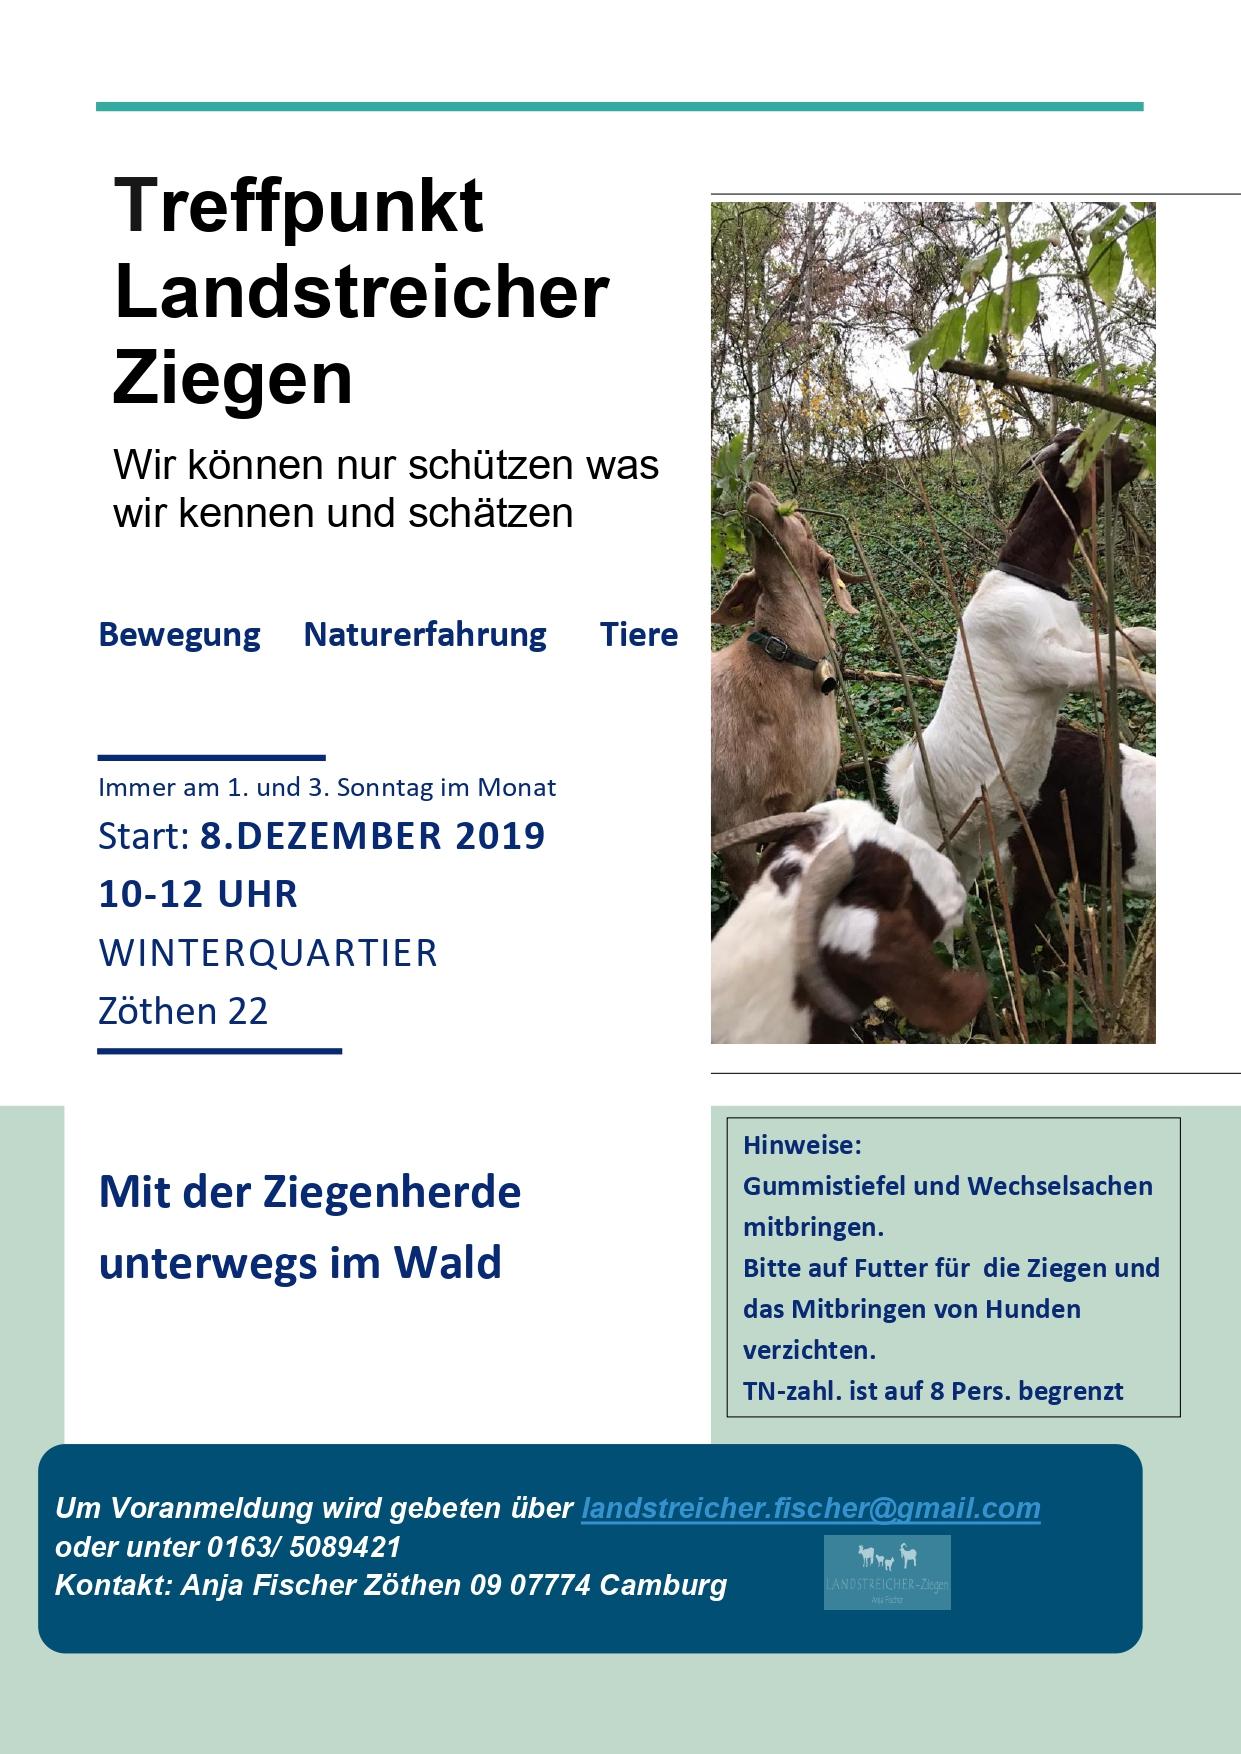 Wanderung mit Ziegen @ Start in Zöthen